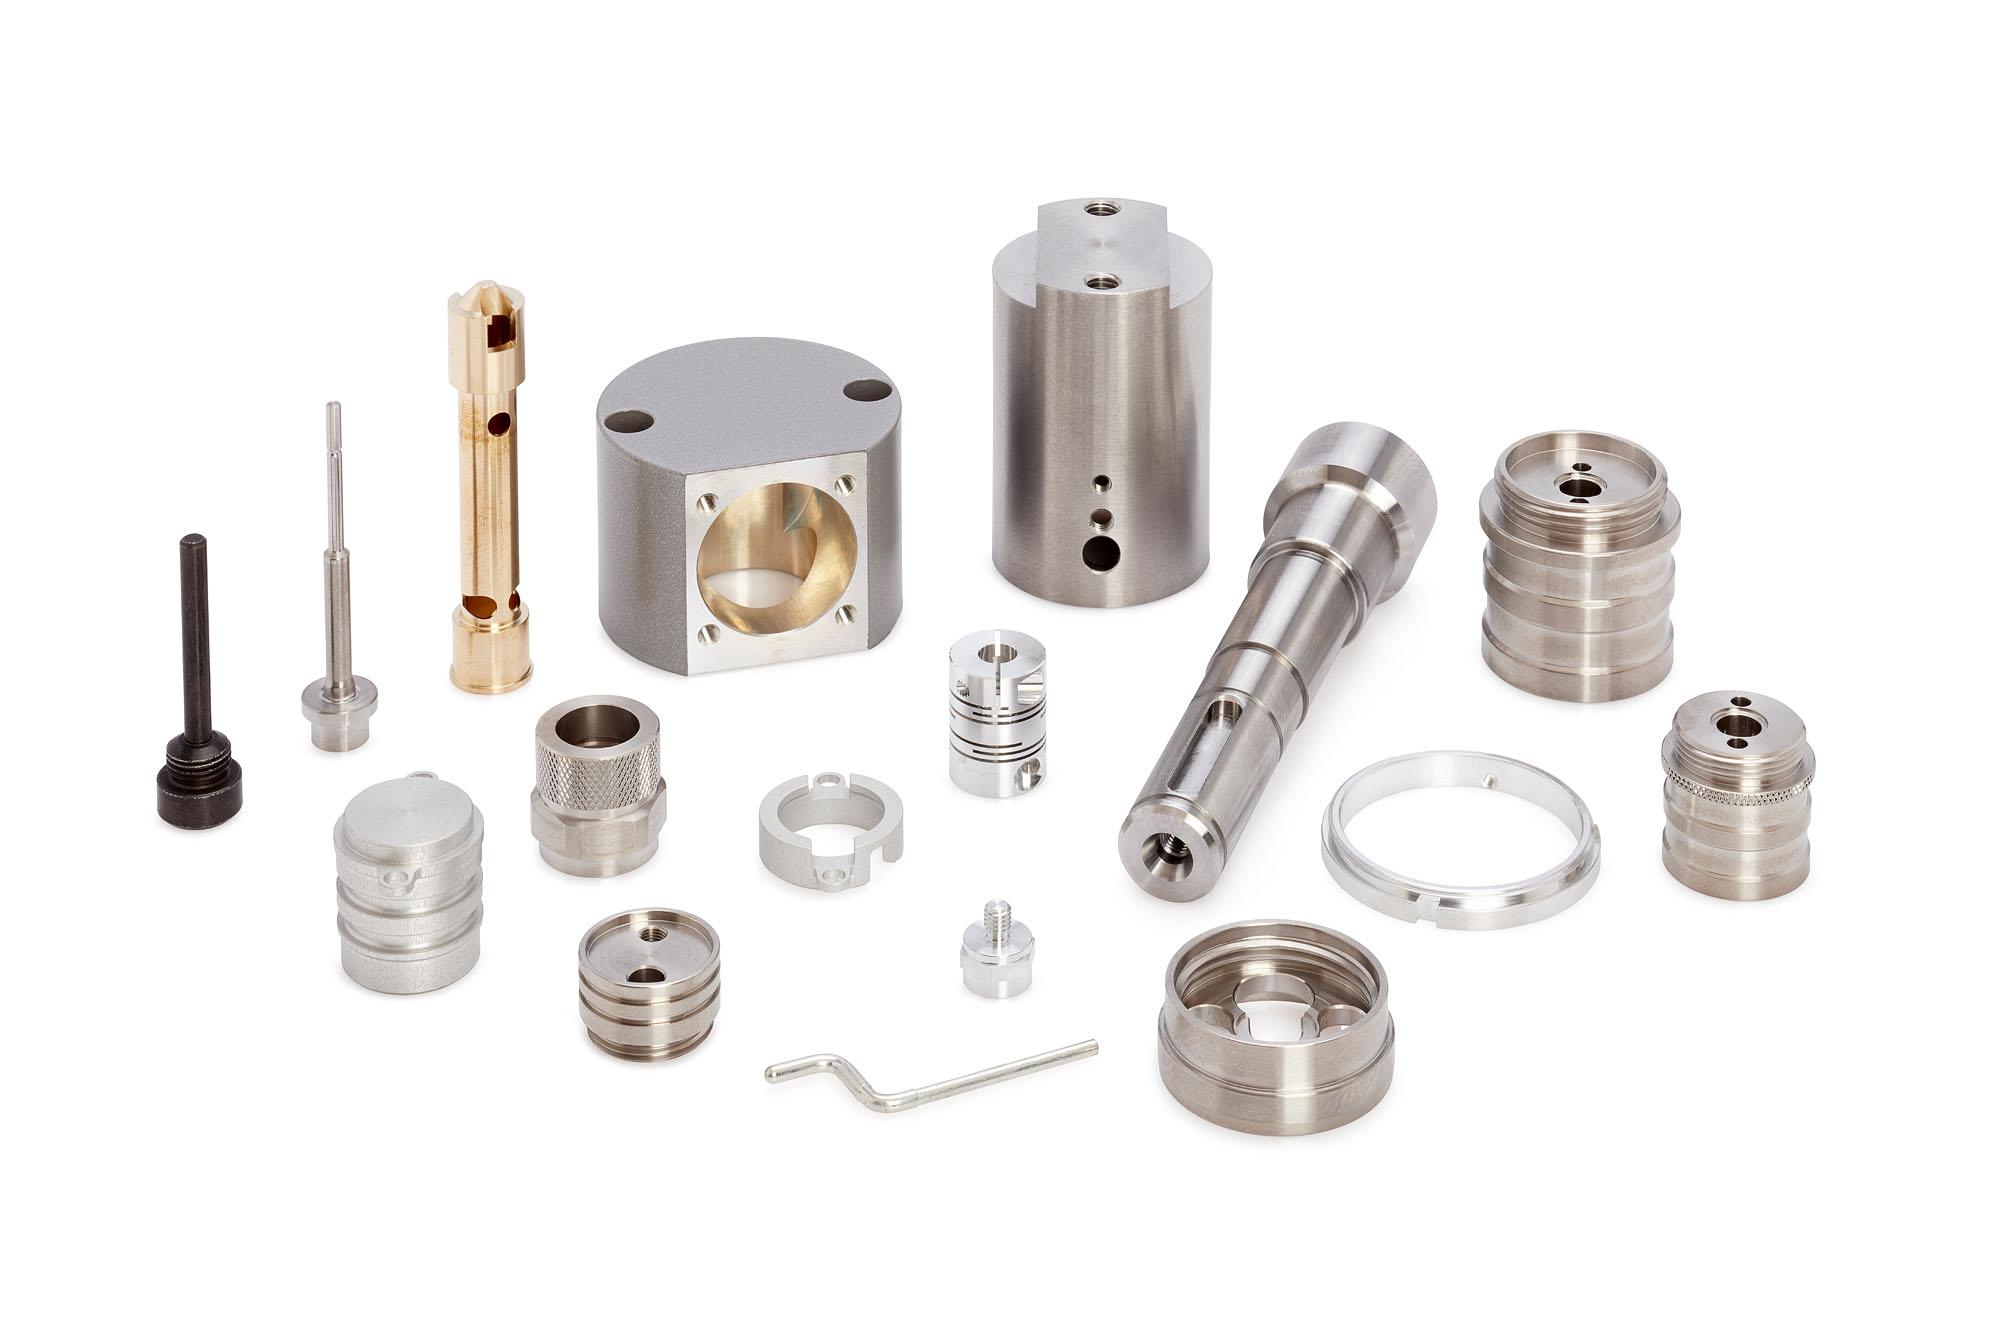 Abbildungen verschiedener Bestandteile einer Drehmaschine.